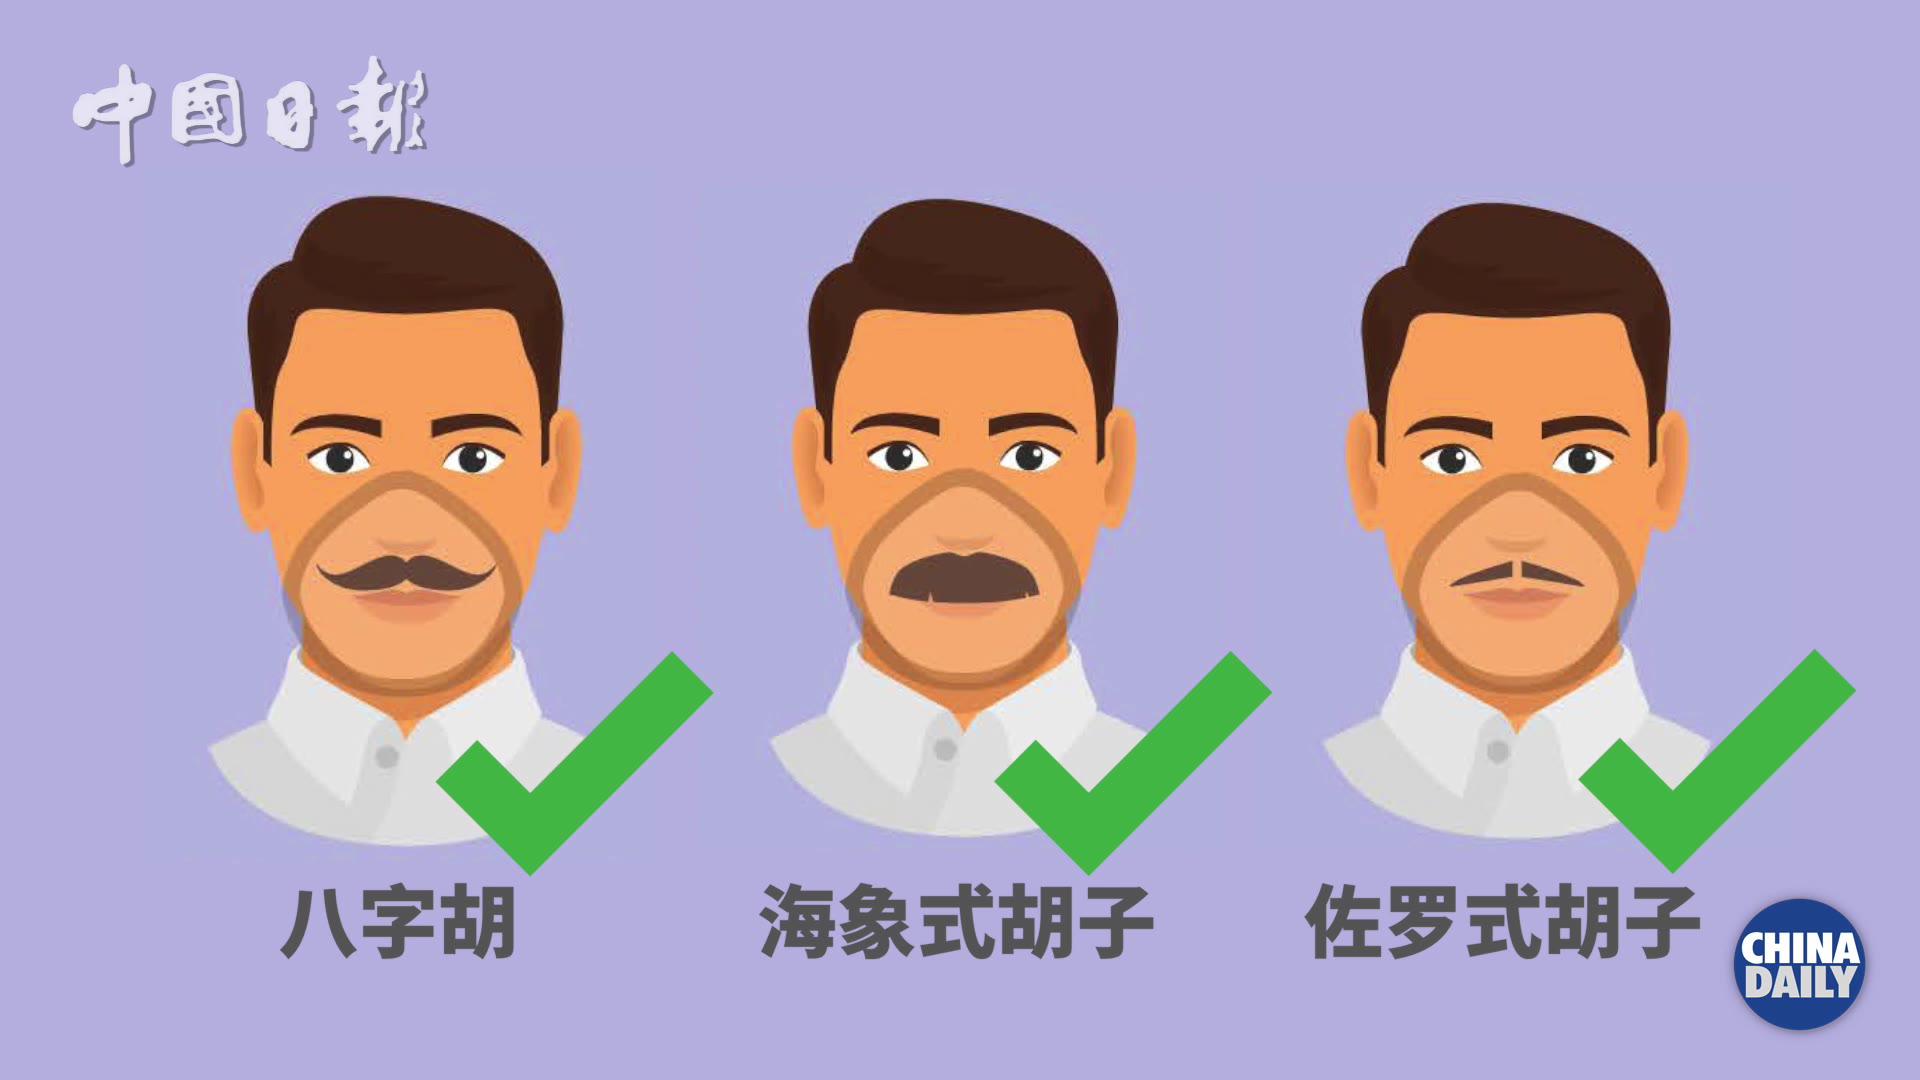 美国CDC建议男士戴口罩要刮胡子 以免口罩失效